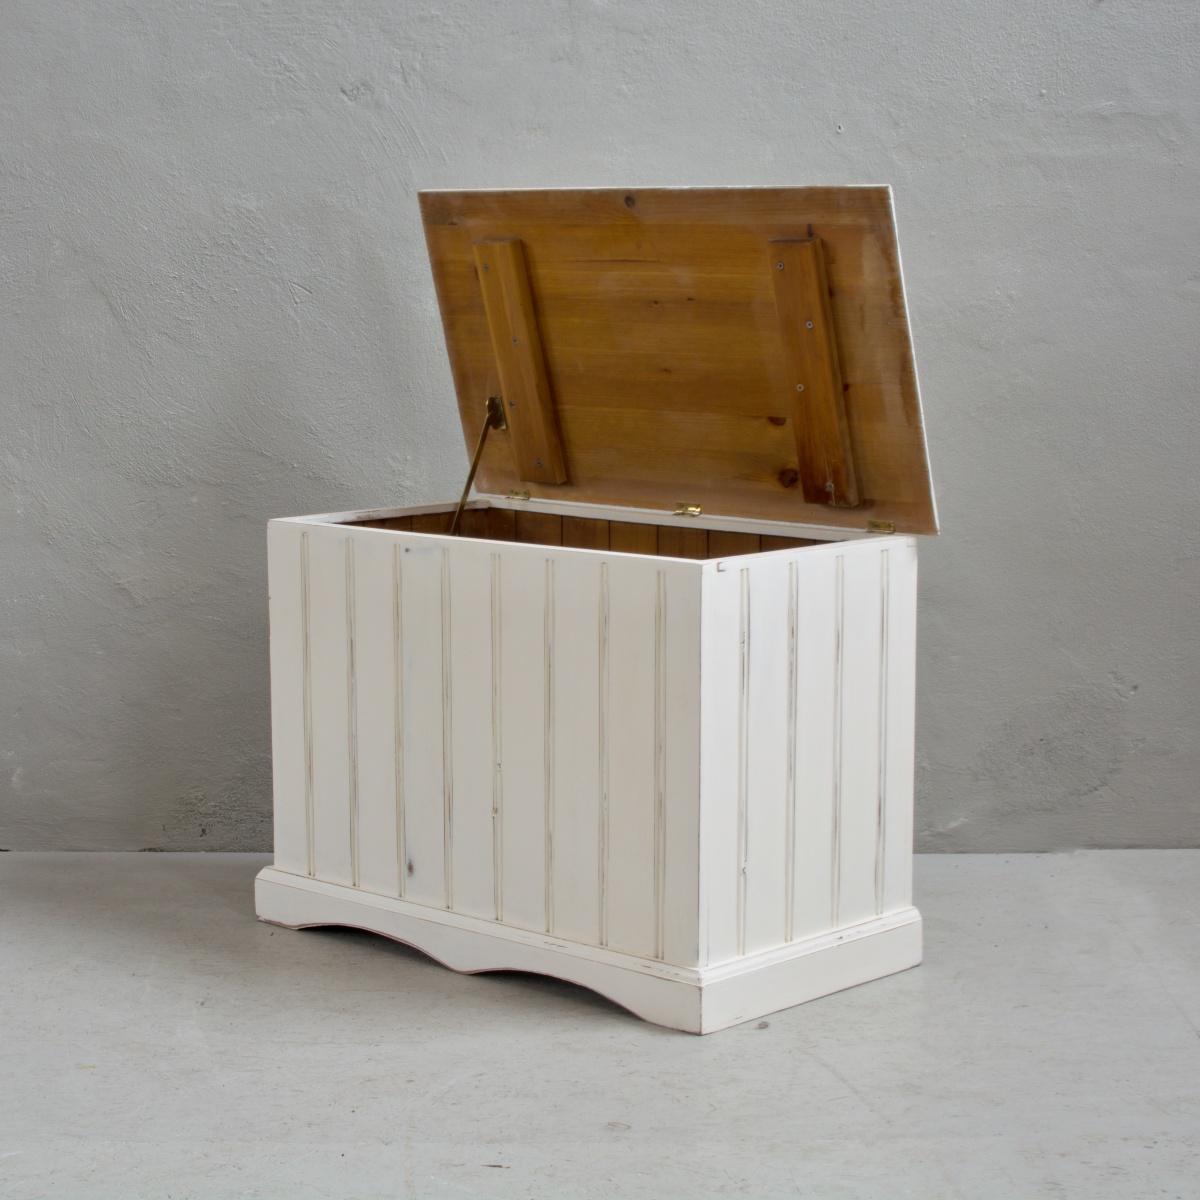 Prodej anglického nábytku anglická provence truhla